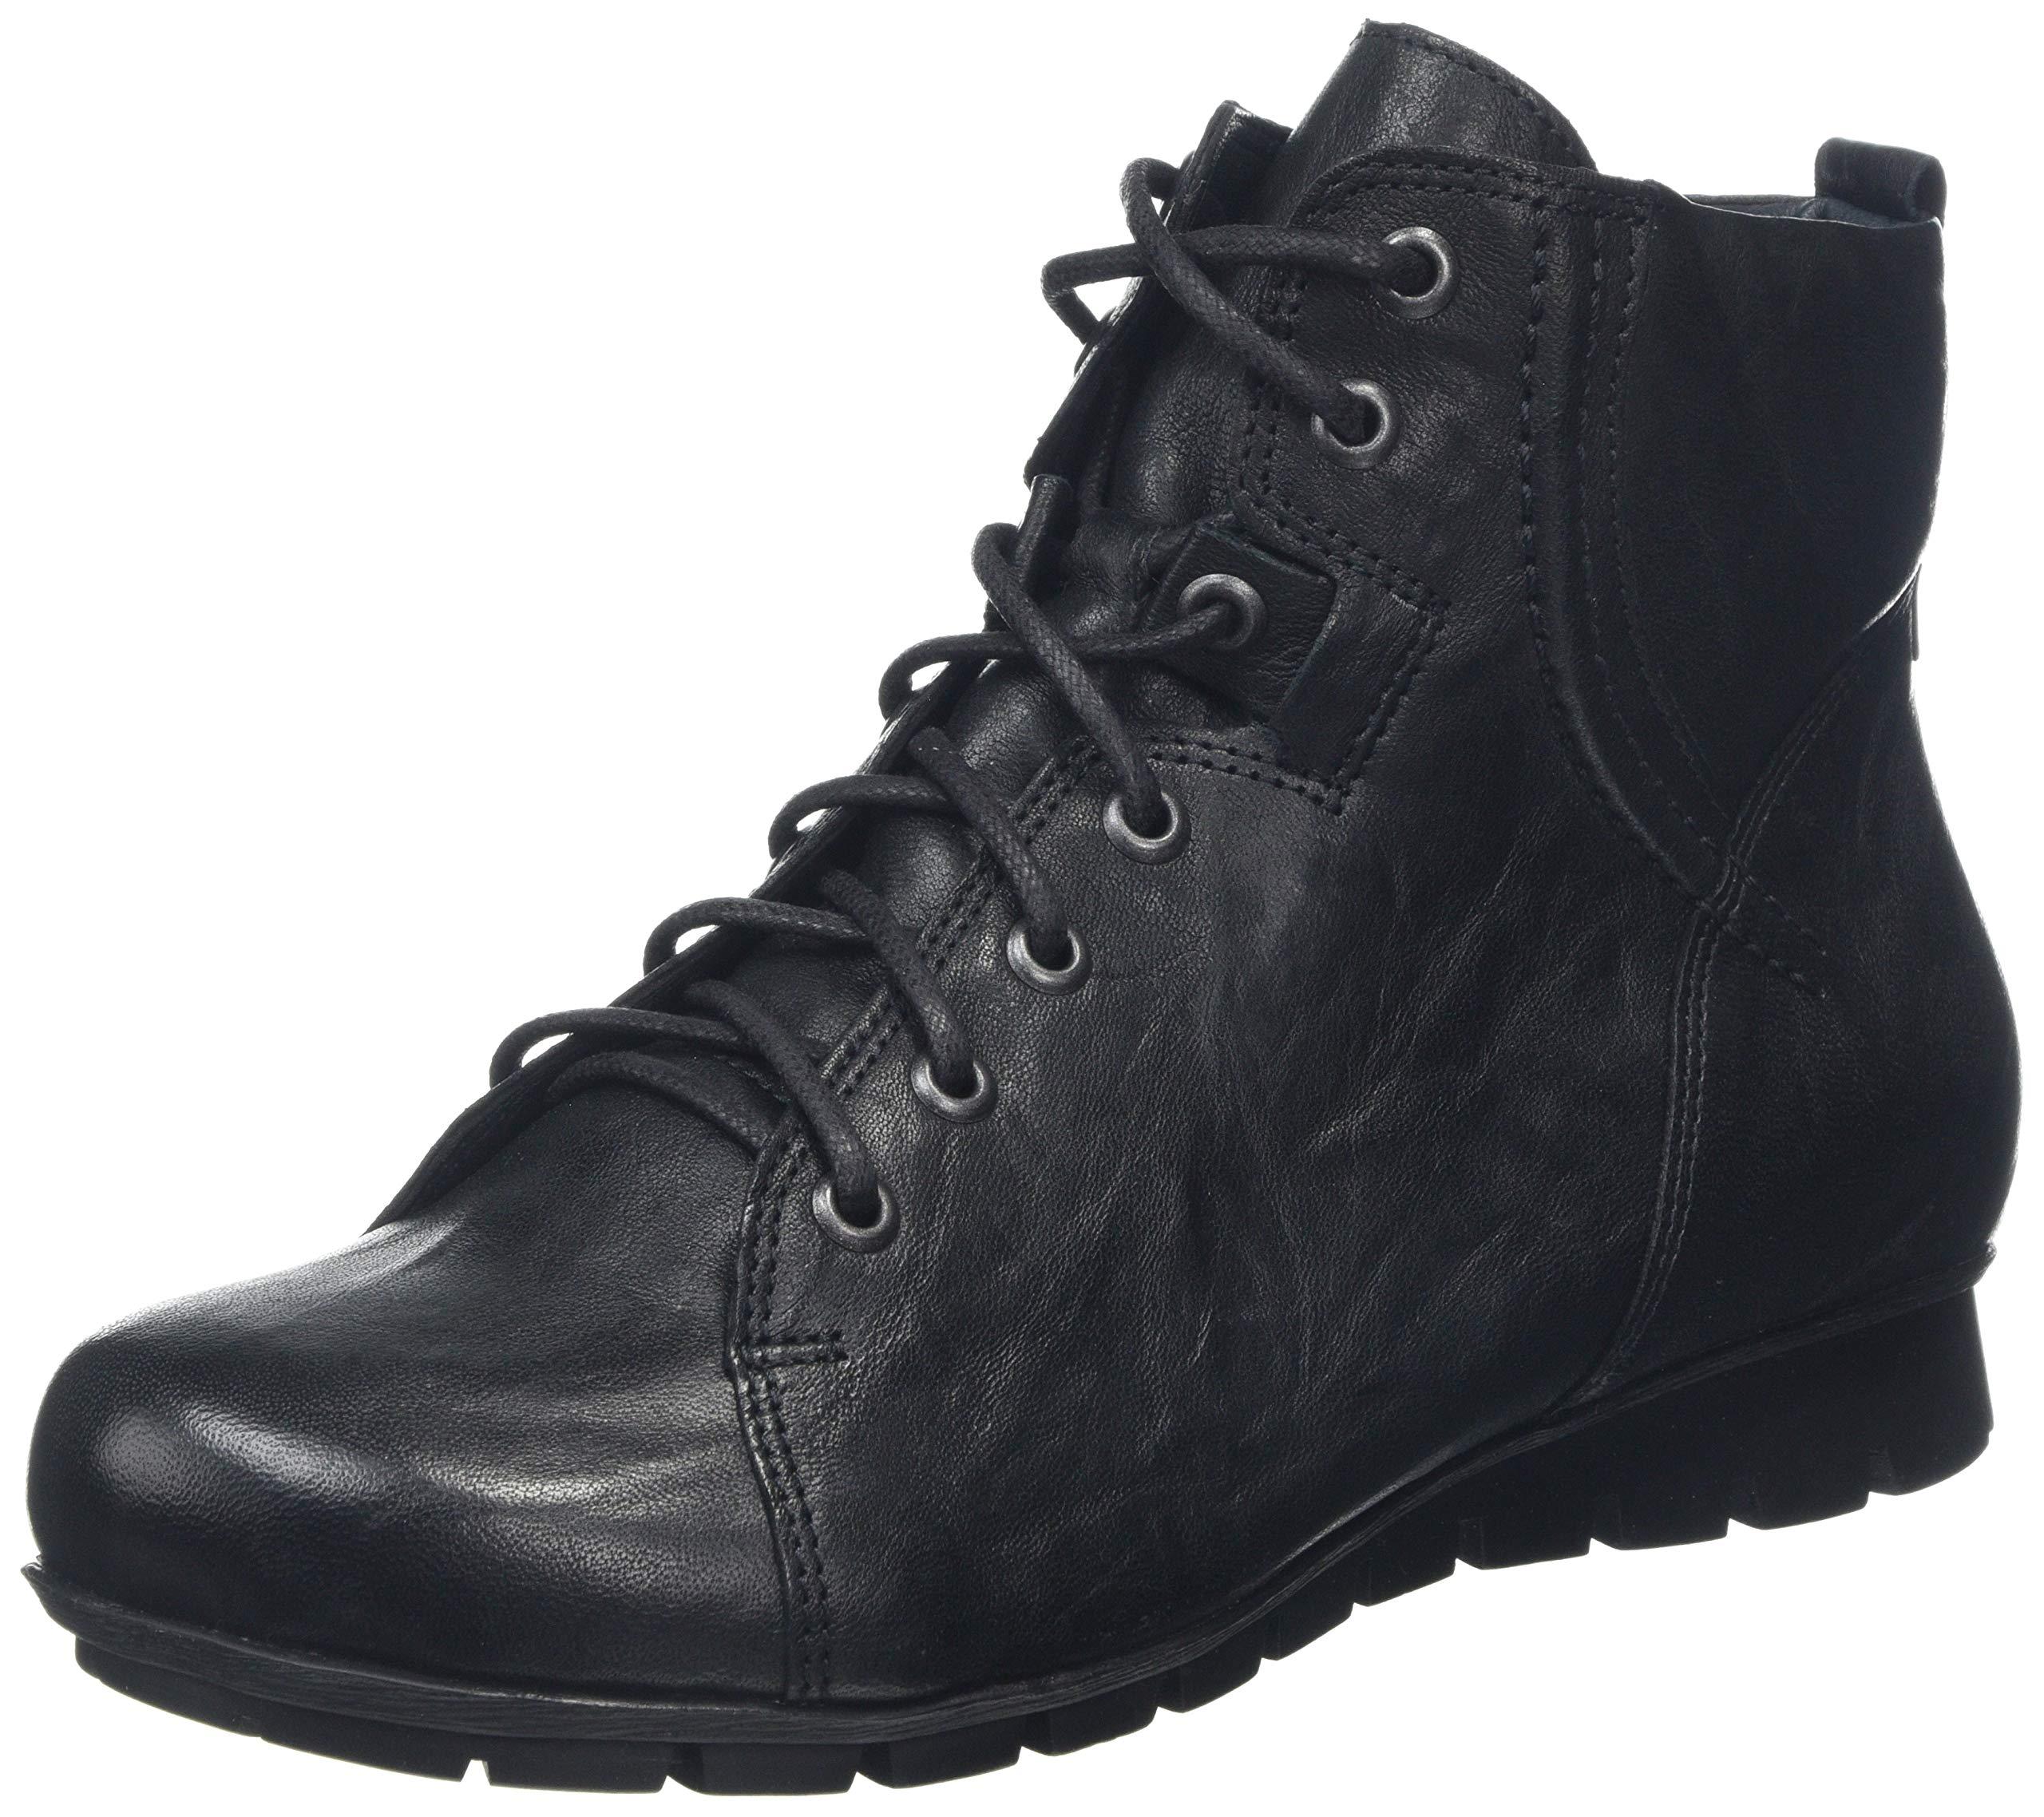 585071Desert Boots ThinkMenscha 0037 Femmeschwarz Eu wOiTXPZulk